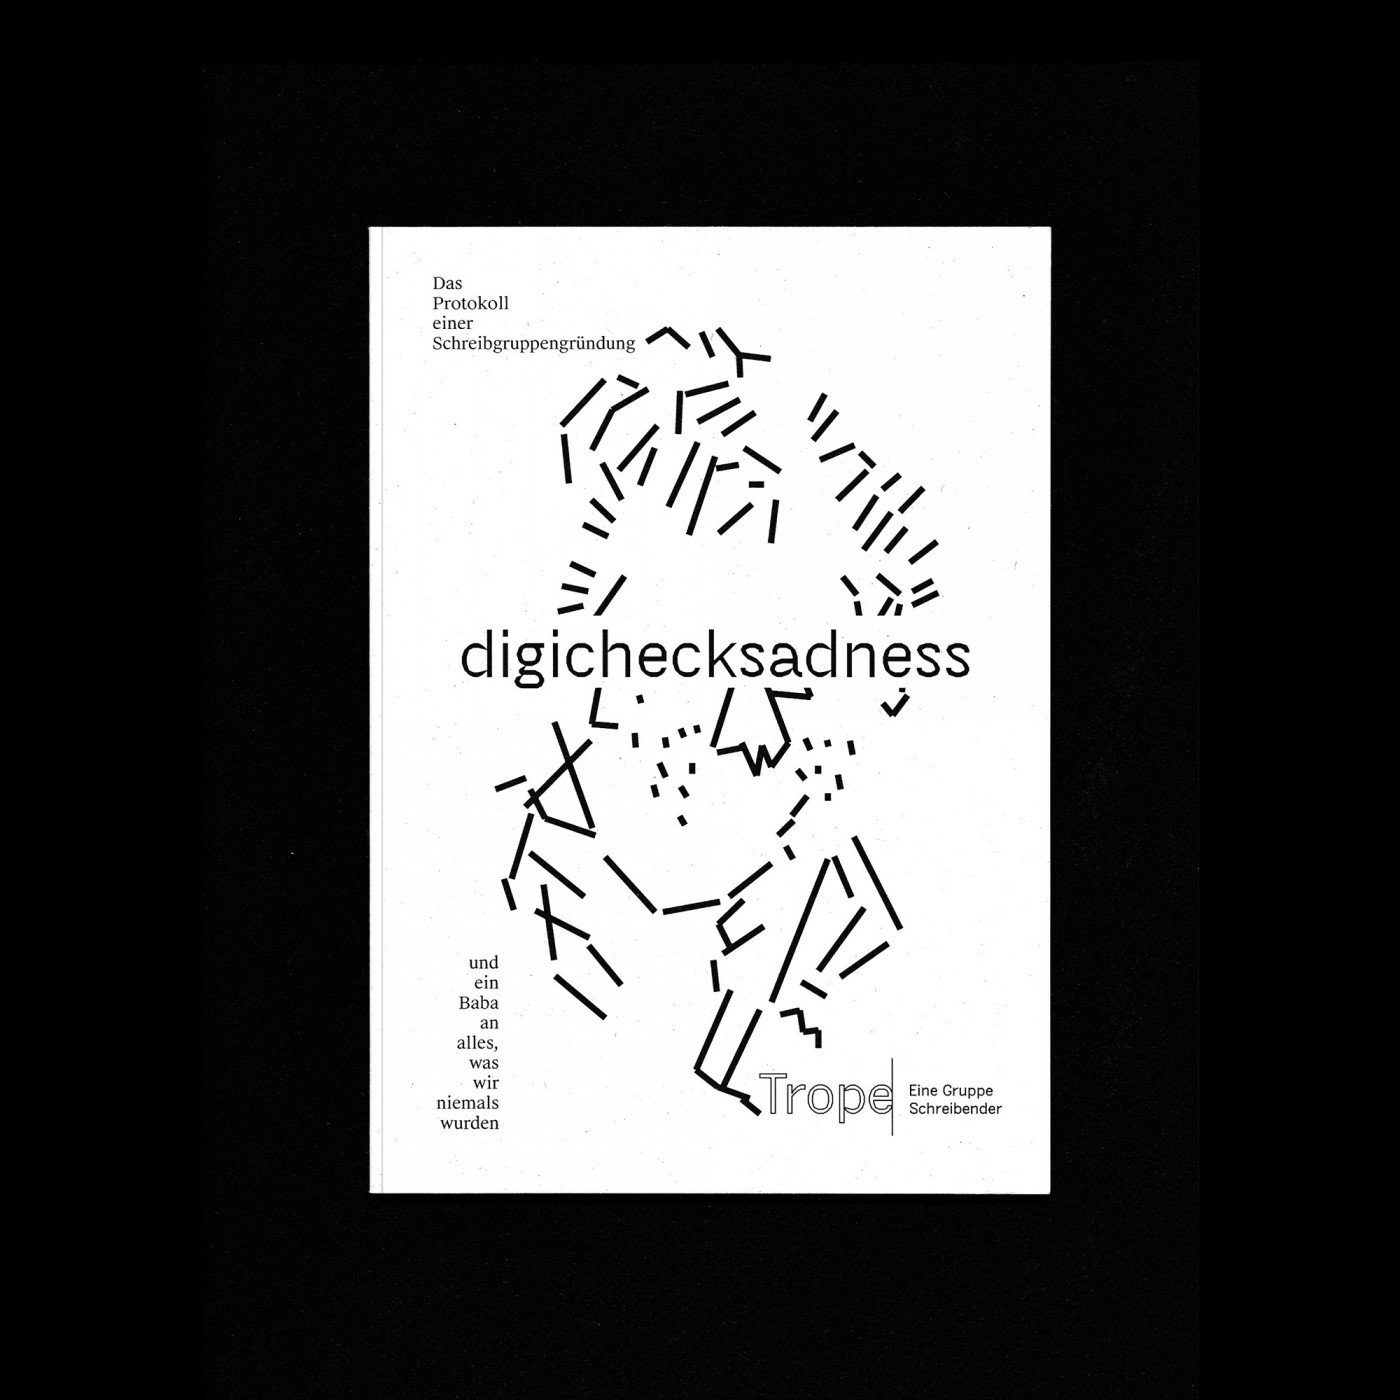 Trope-digichecksadness-1